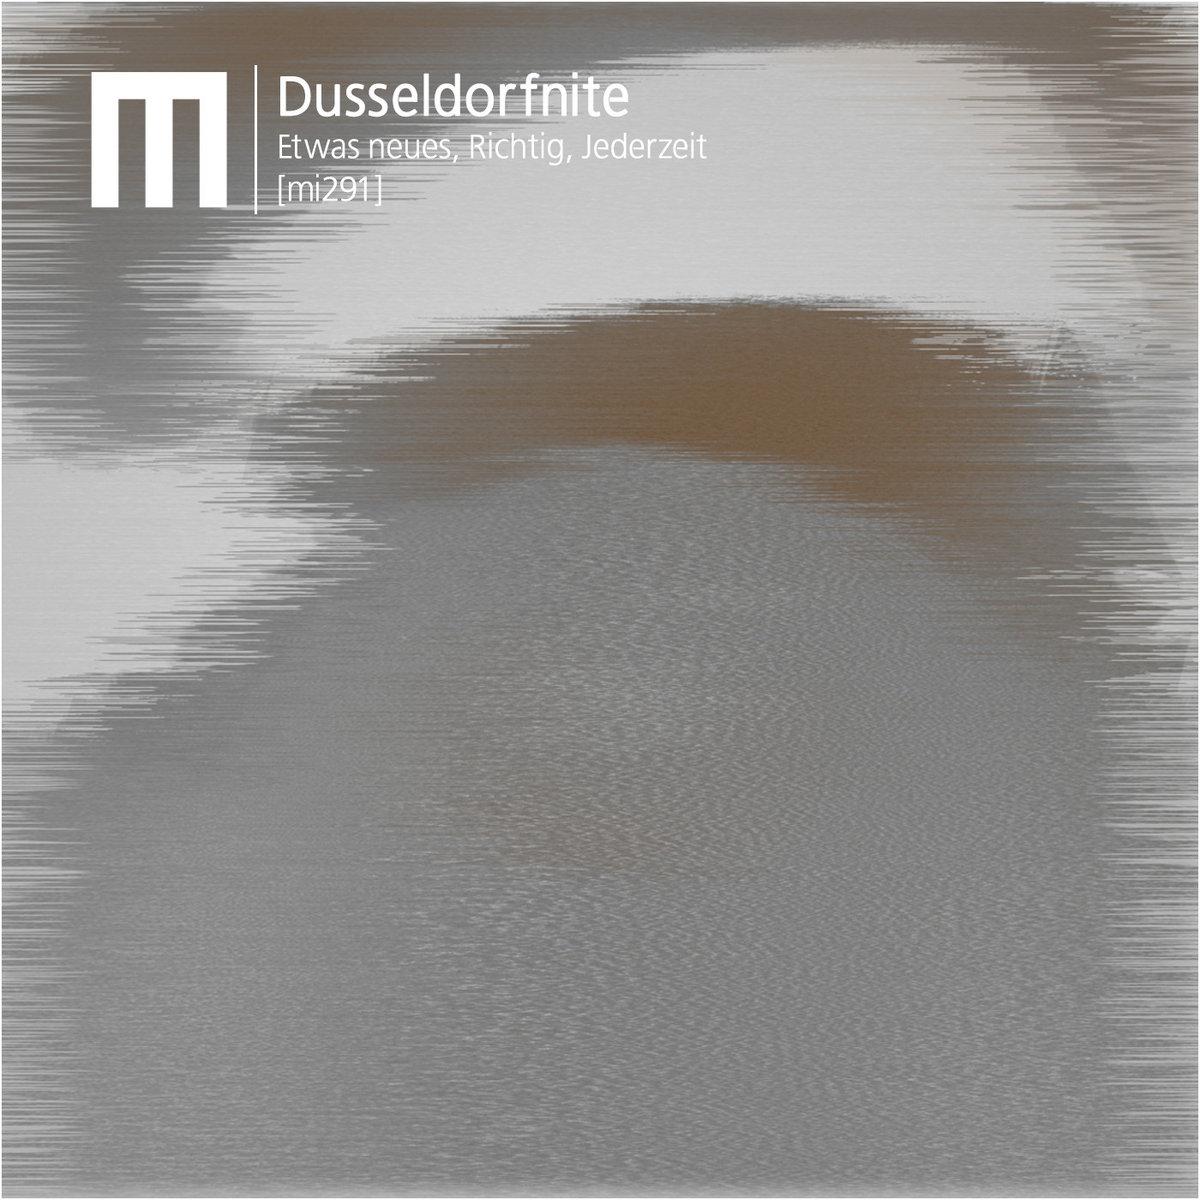 Dusseldorfnite – Etwas neues, Richtig, Jederzeit